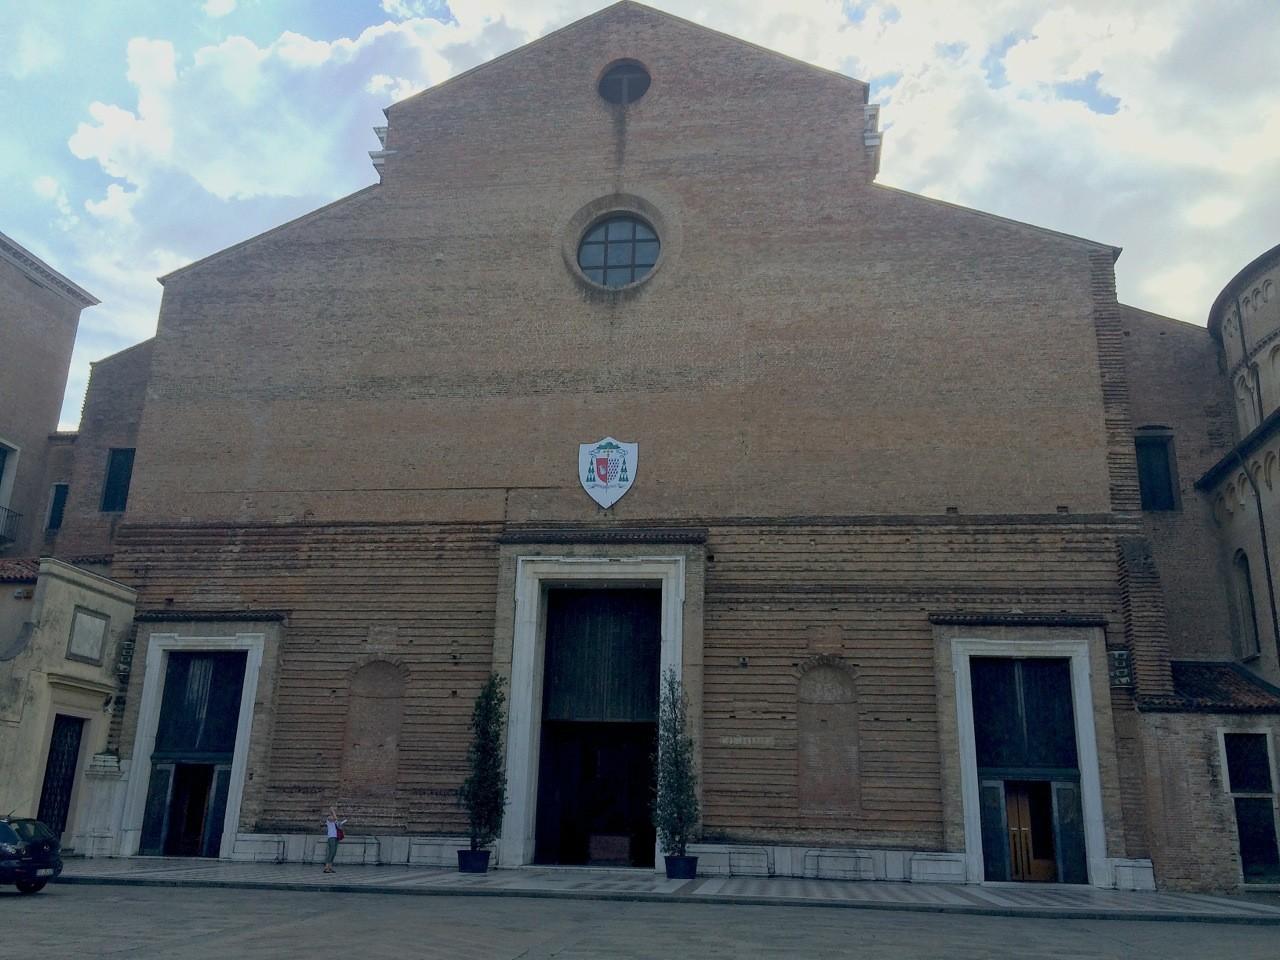 Chiese Romantiche Padova Duomo Di Padova